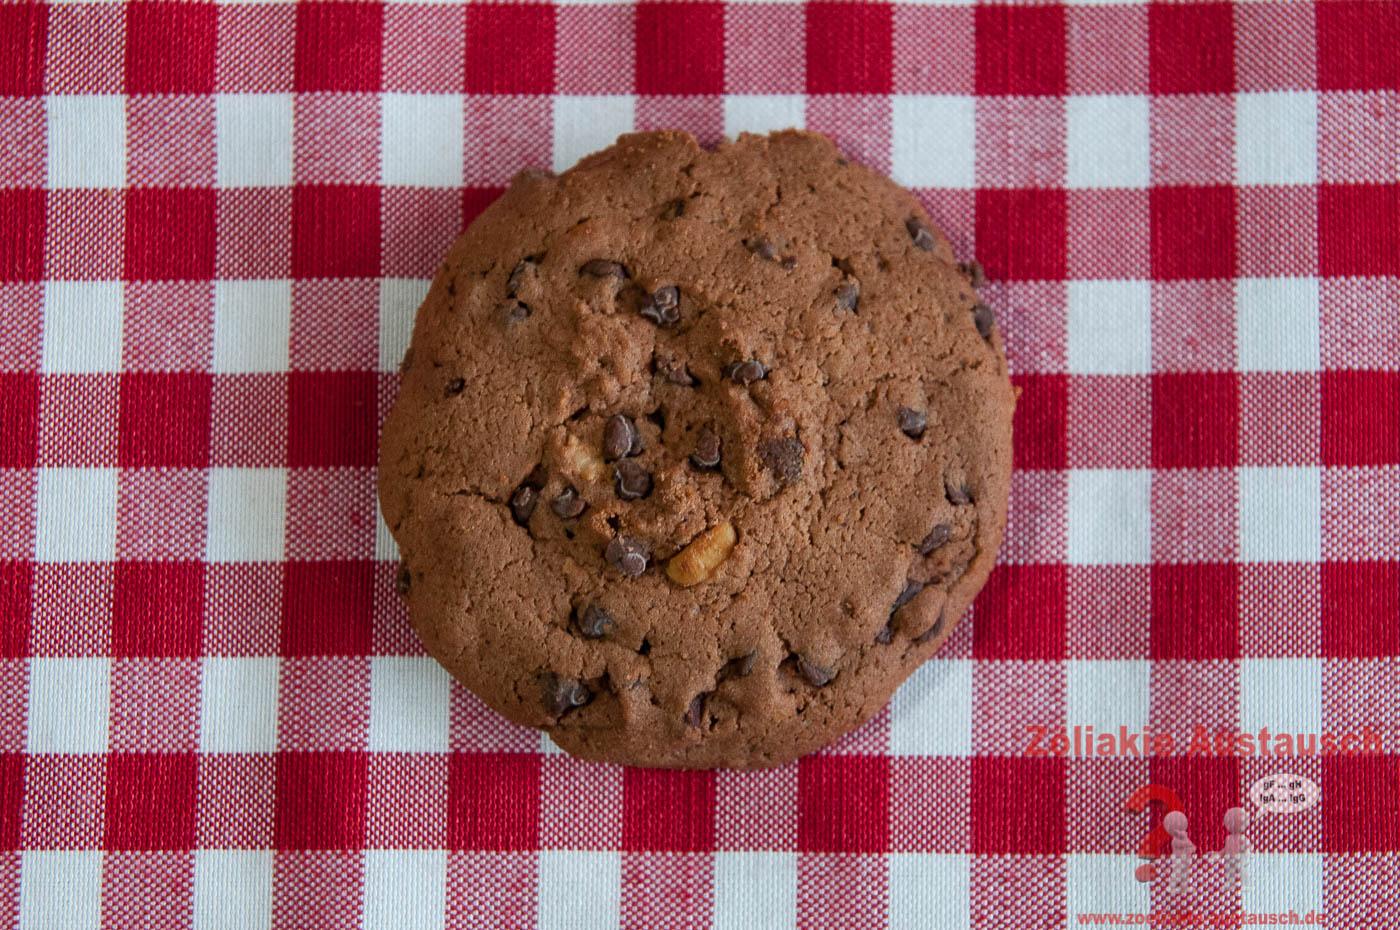 Zoeliakie_Austausch_Sommer_Cookies-007